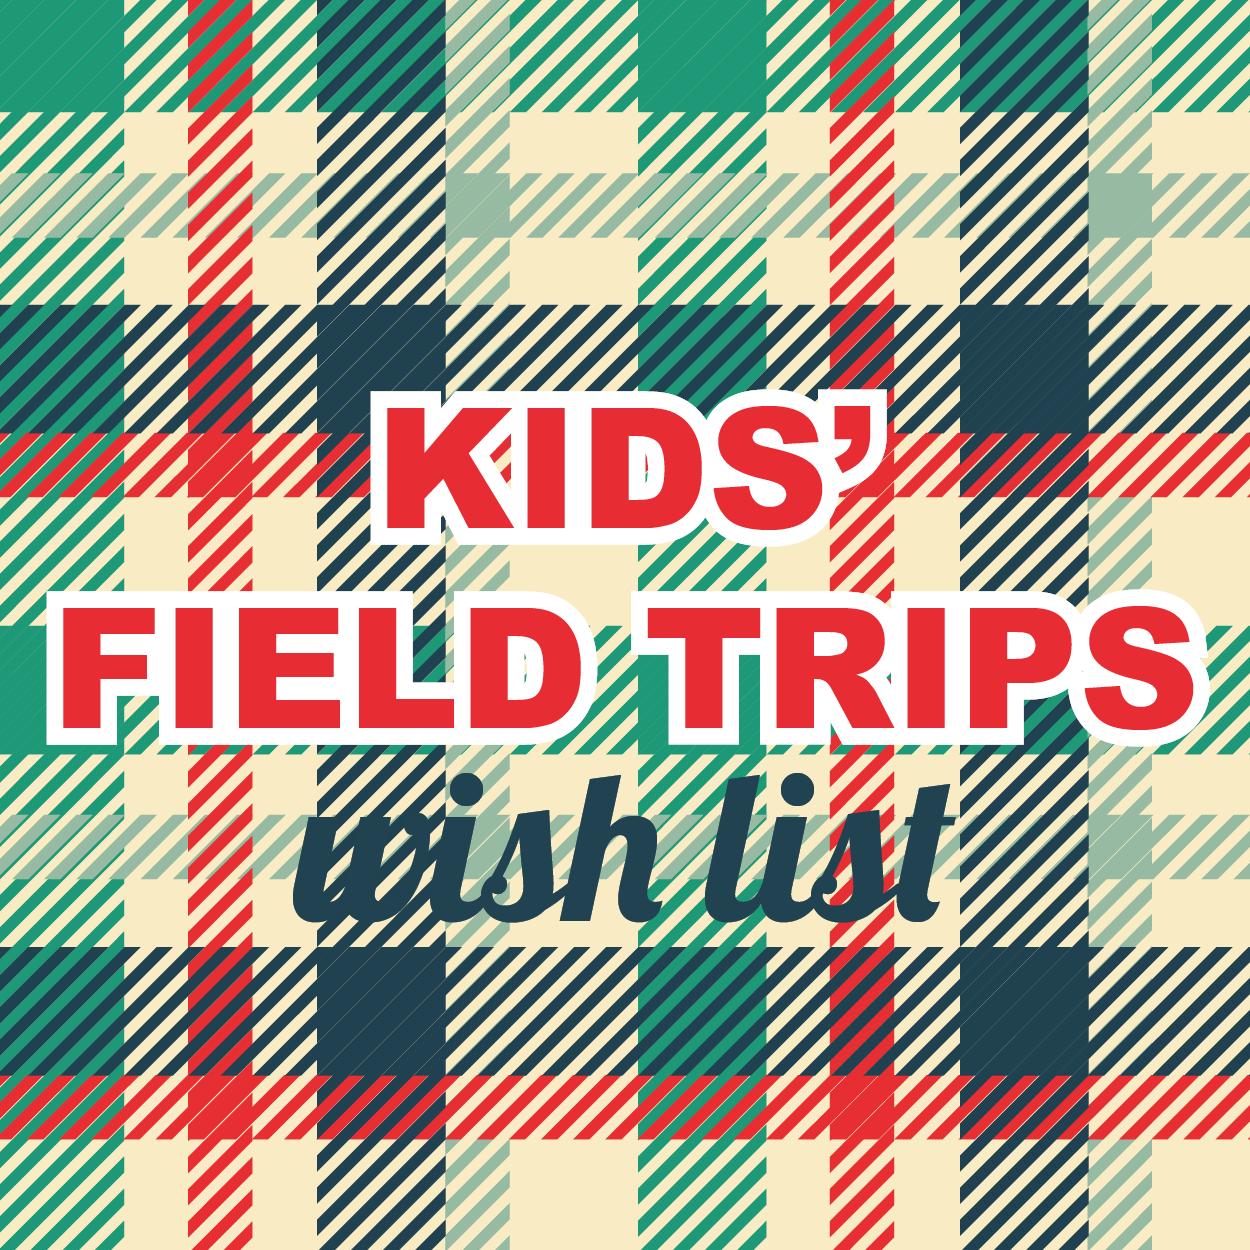 Kids' Field Trips